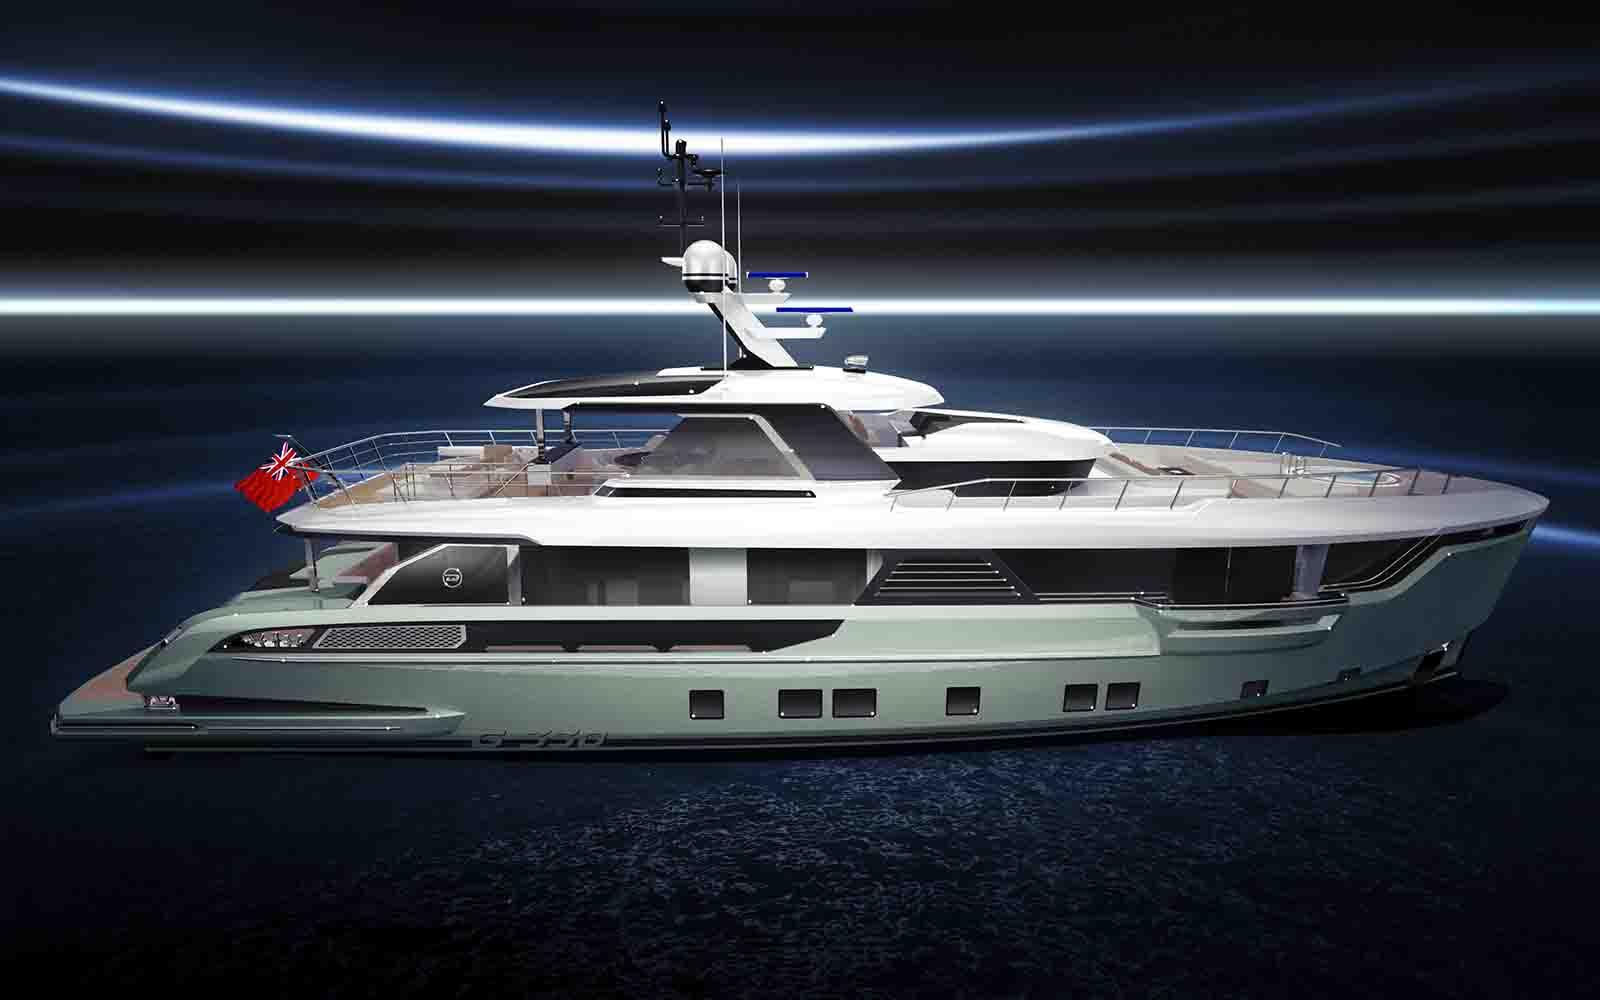 G330 iate explorer - boat shopping 2